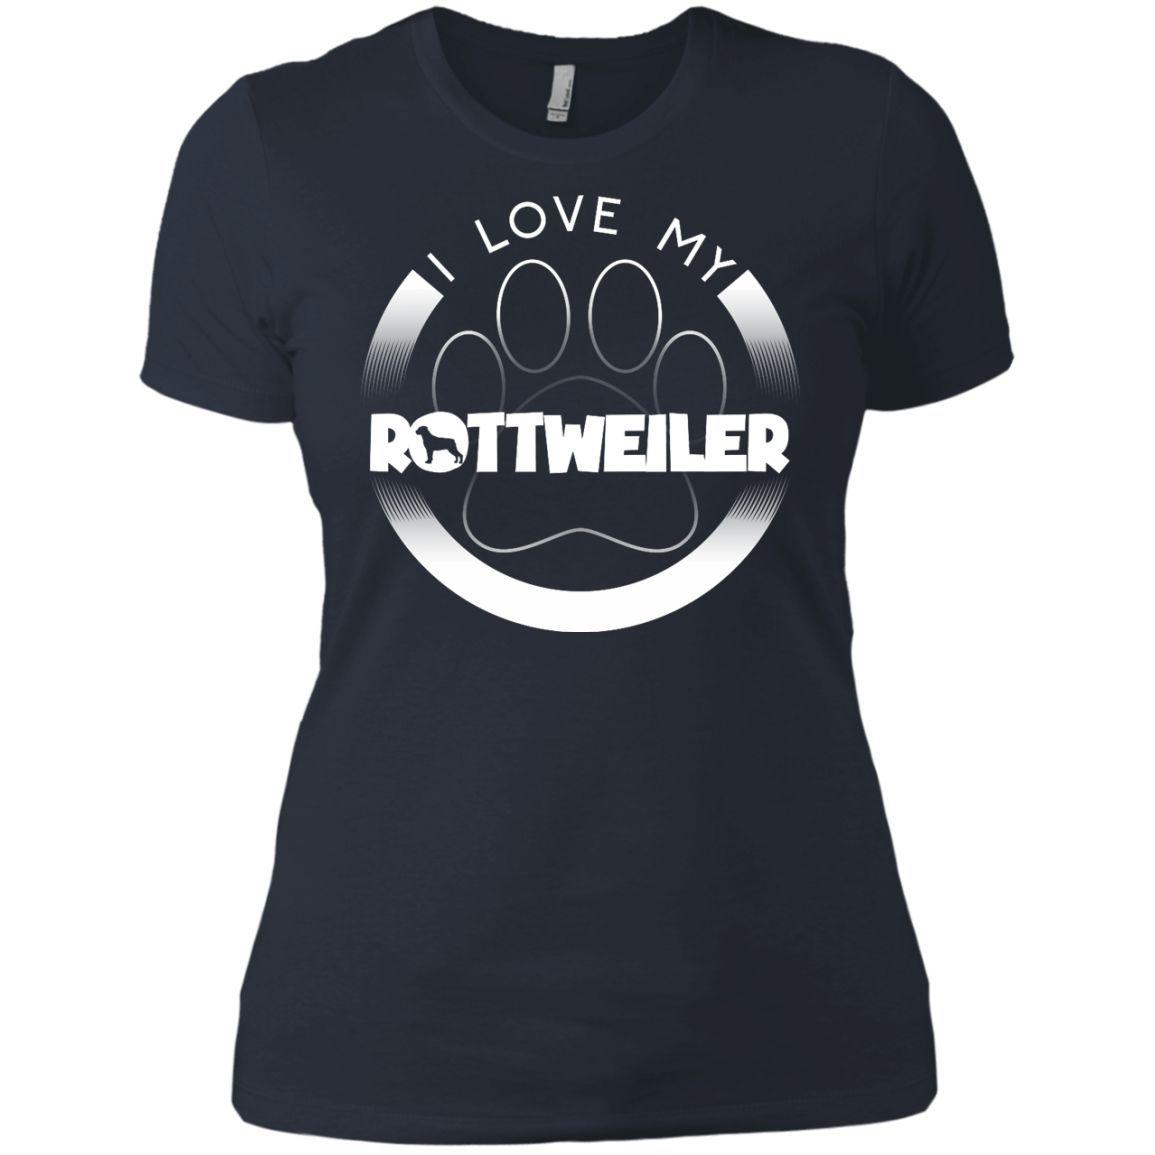 I LOVE MY ROTTWEILER (Paw Design) - Front Design - Next Level Ladies' Boyfriend Tee